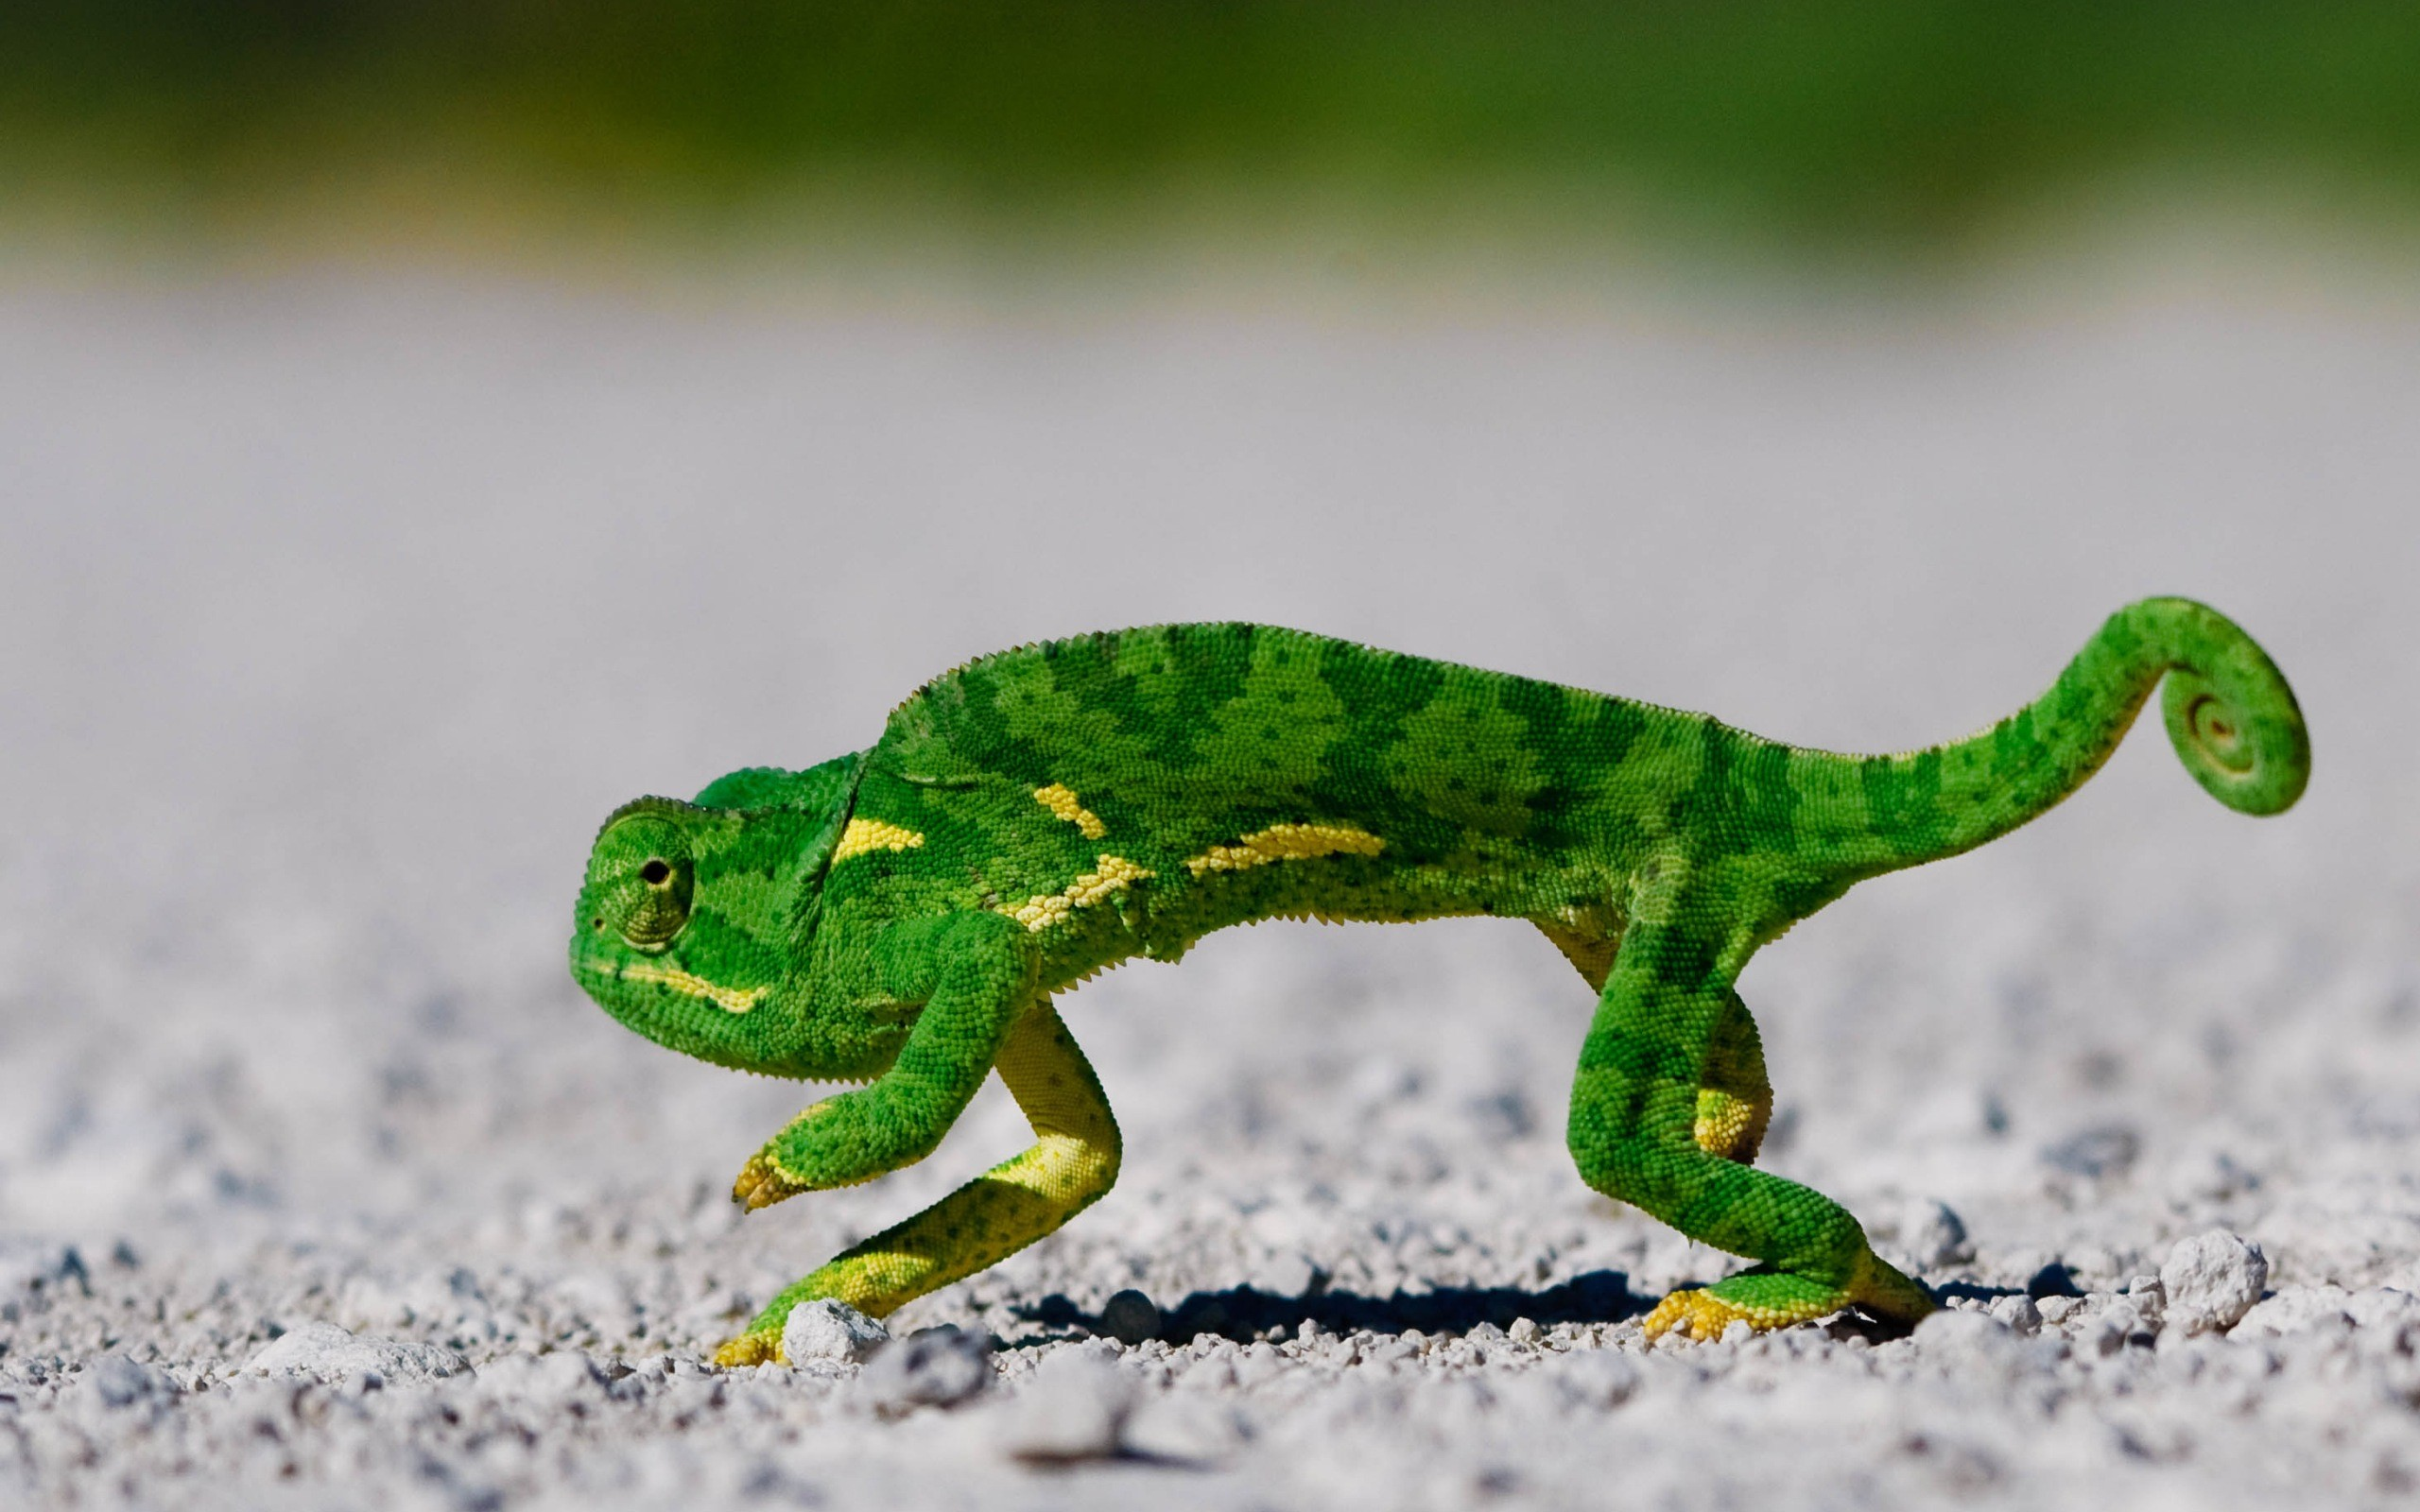 Un camaleón verde - 2560x1600